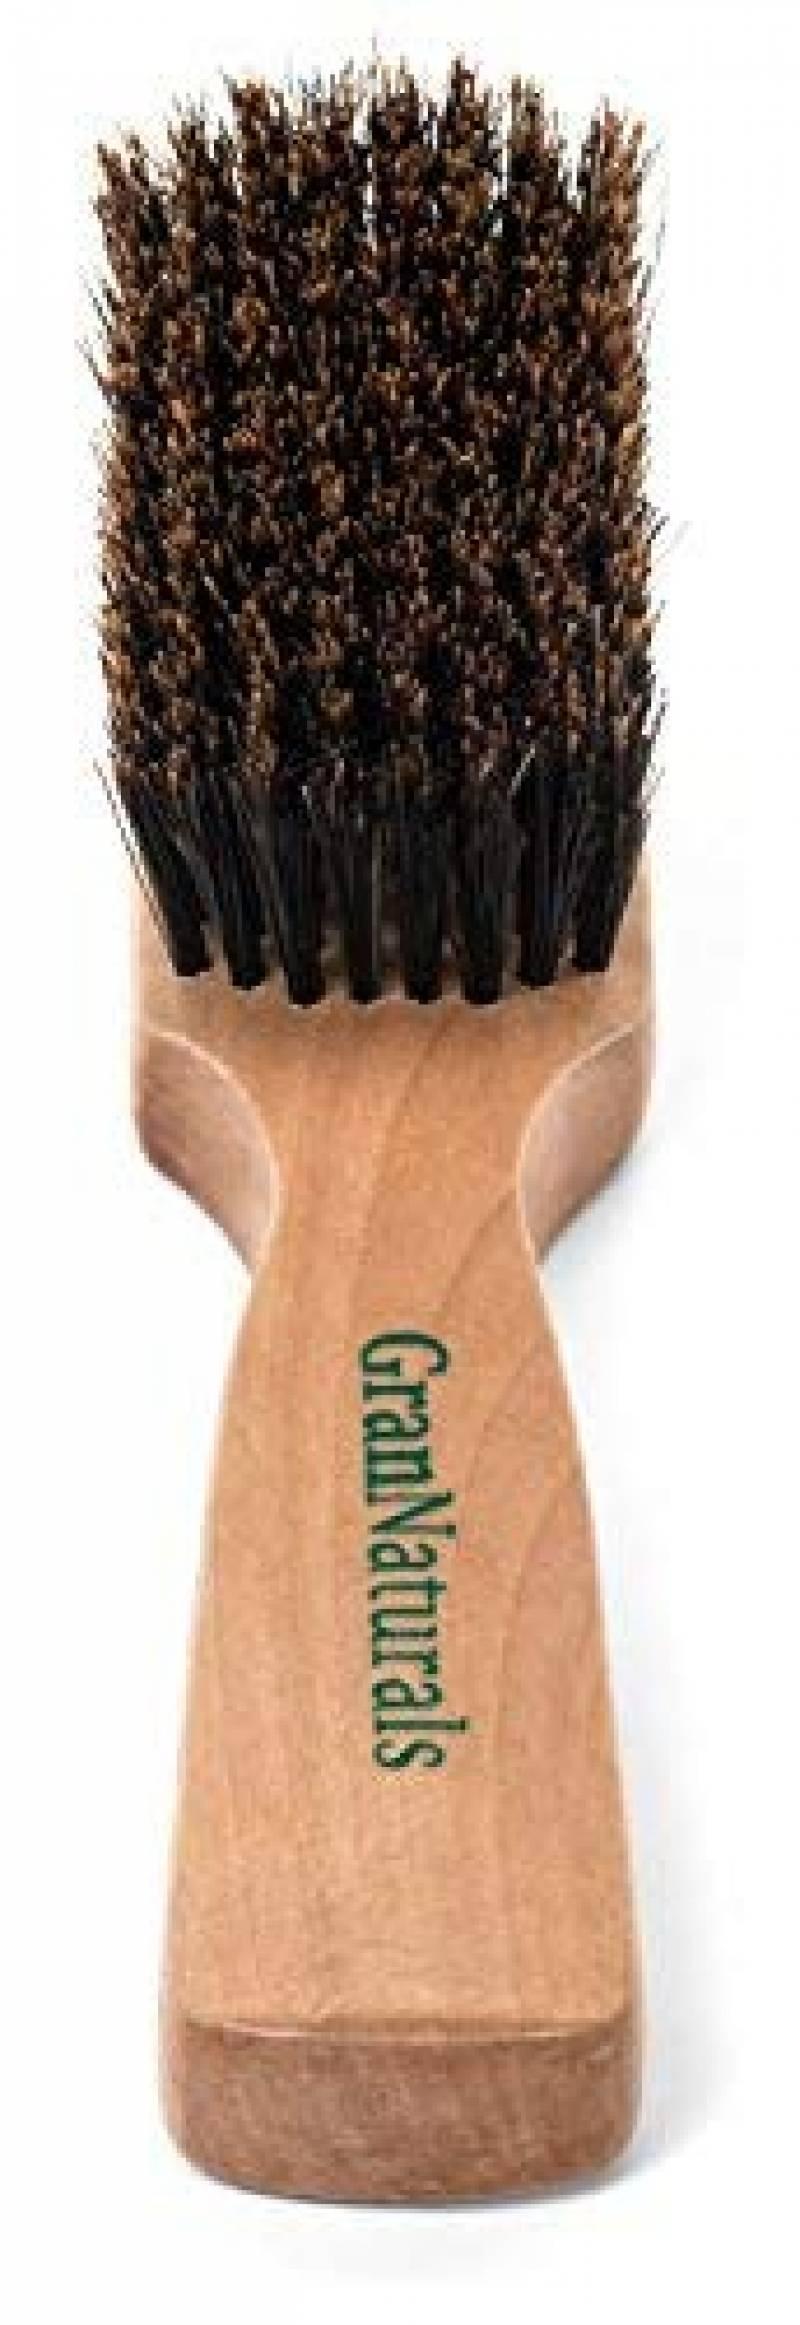 GranNaturals Brosse en Barbe a Sangliers Poils Pour Hommes de la marque GranNaturals TOP 2 image 0 produit